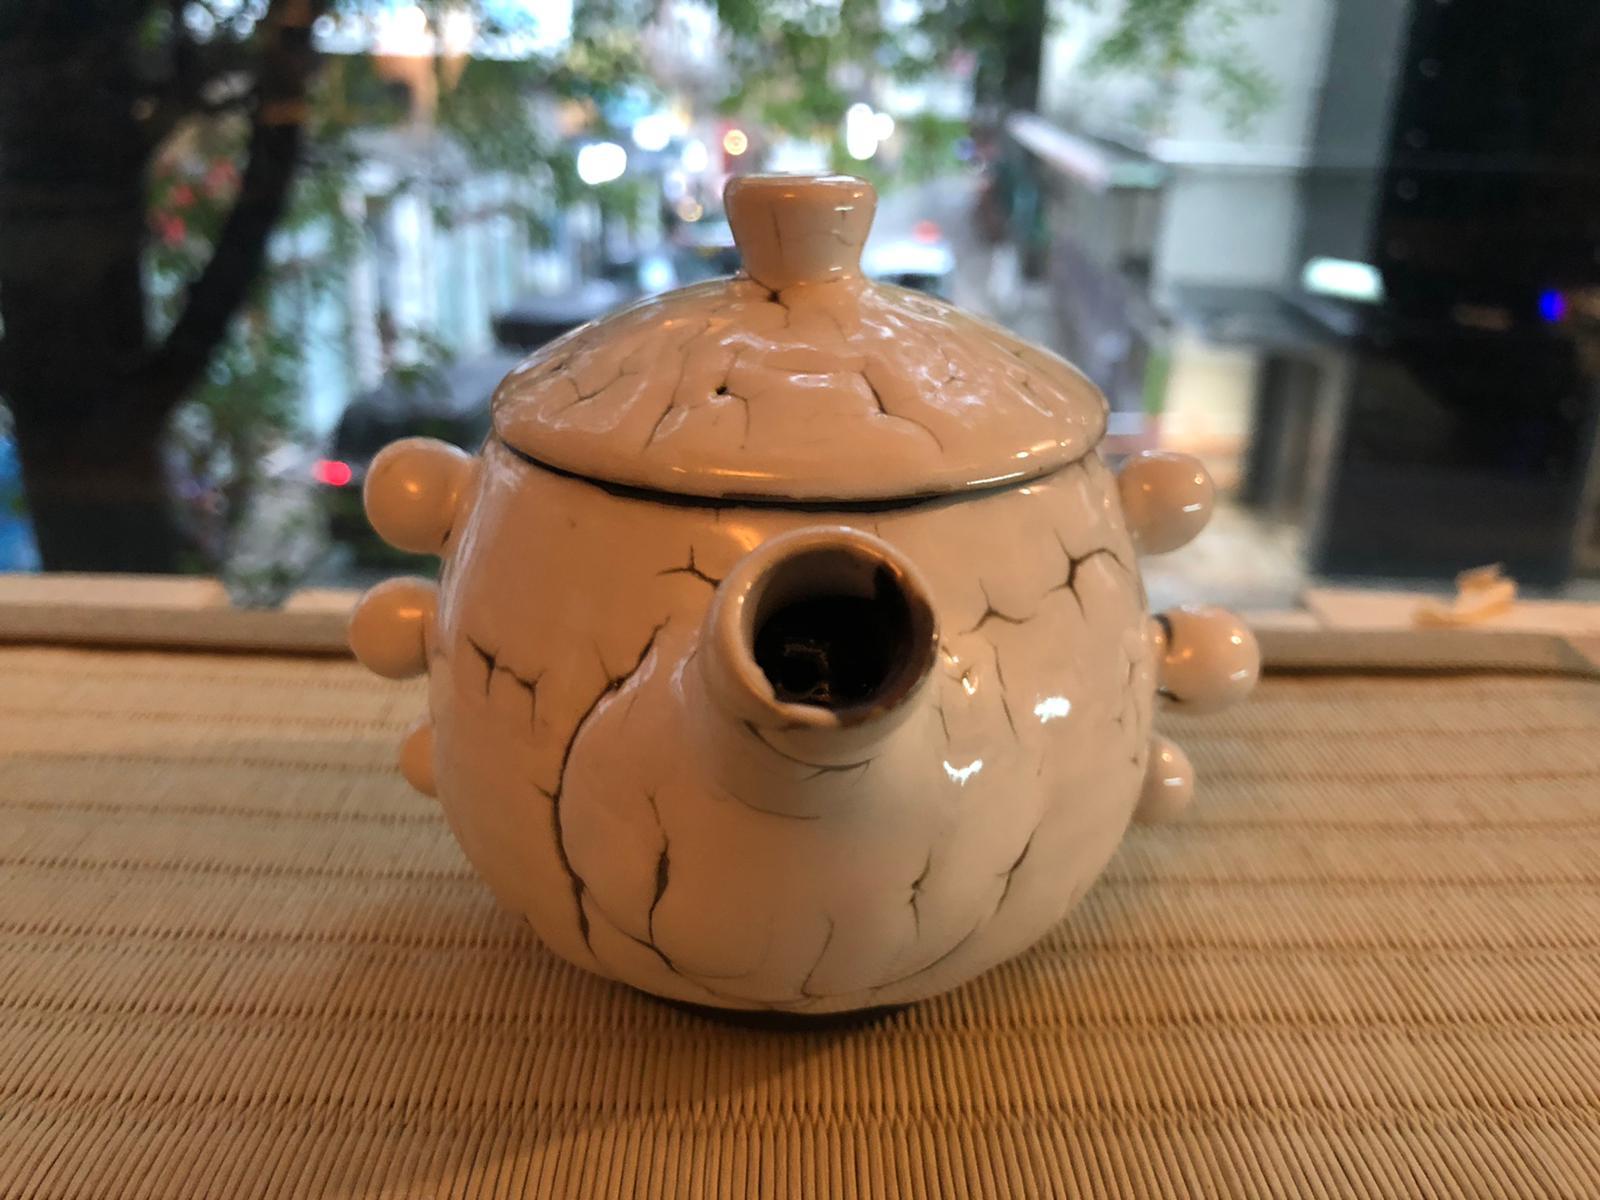 新款 #的骰  #龍爪梅花皮 茶具 New Ryuso Kairagi